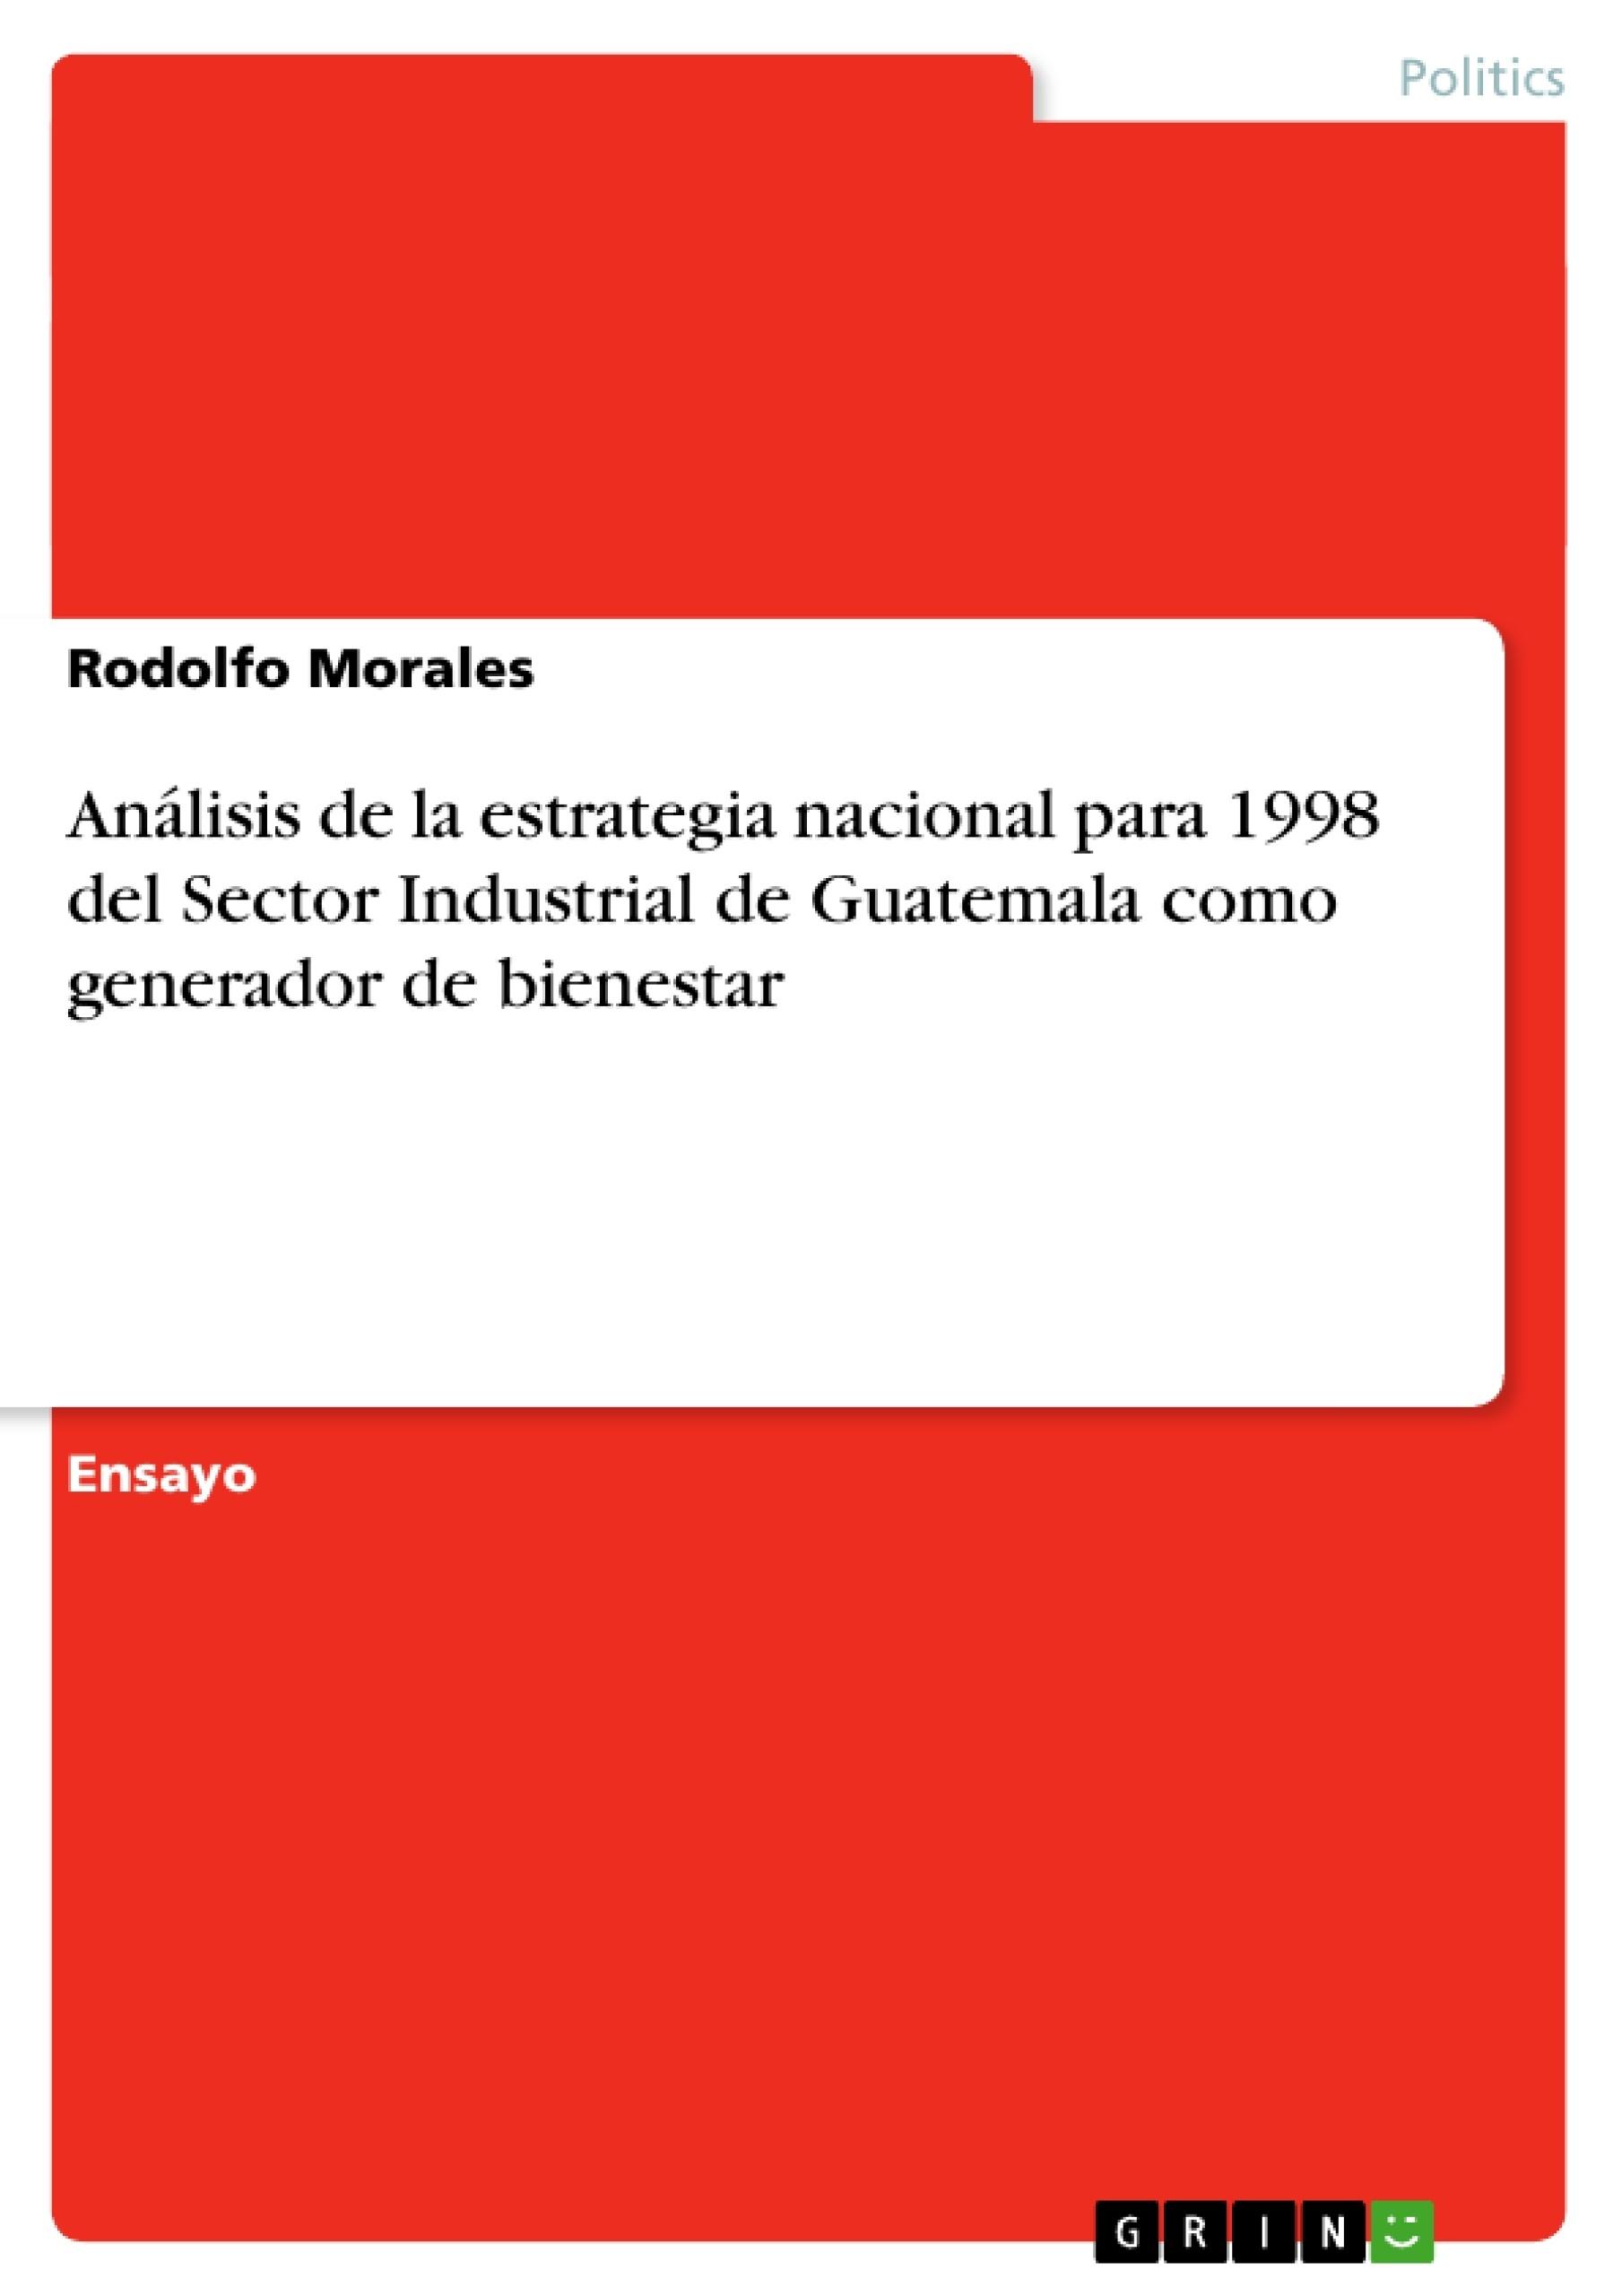 Título: Análisis de la estrategia nacional para 1998 del Sector Industrial de Guatemala  como generador de bienestar